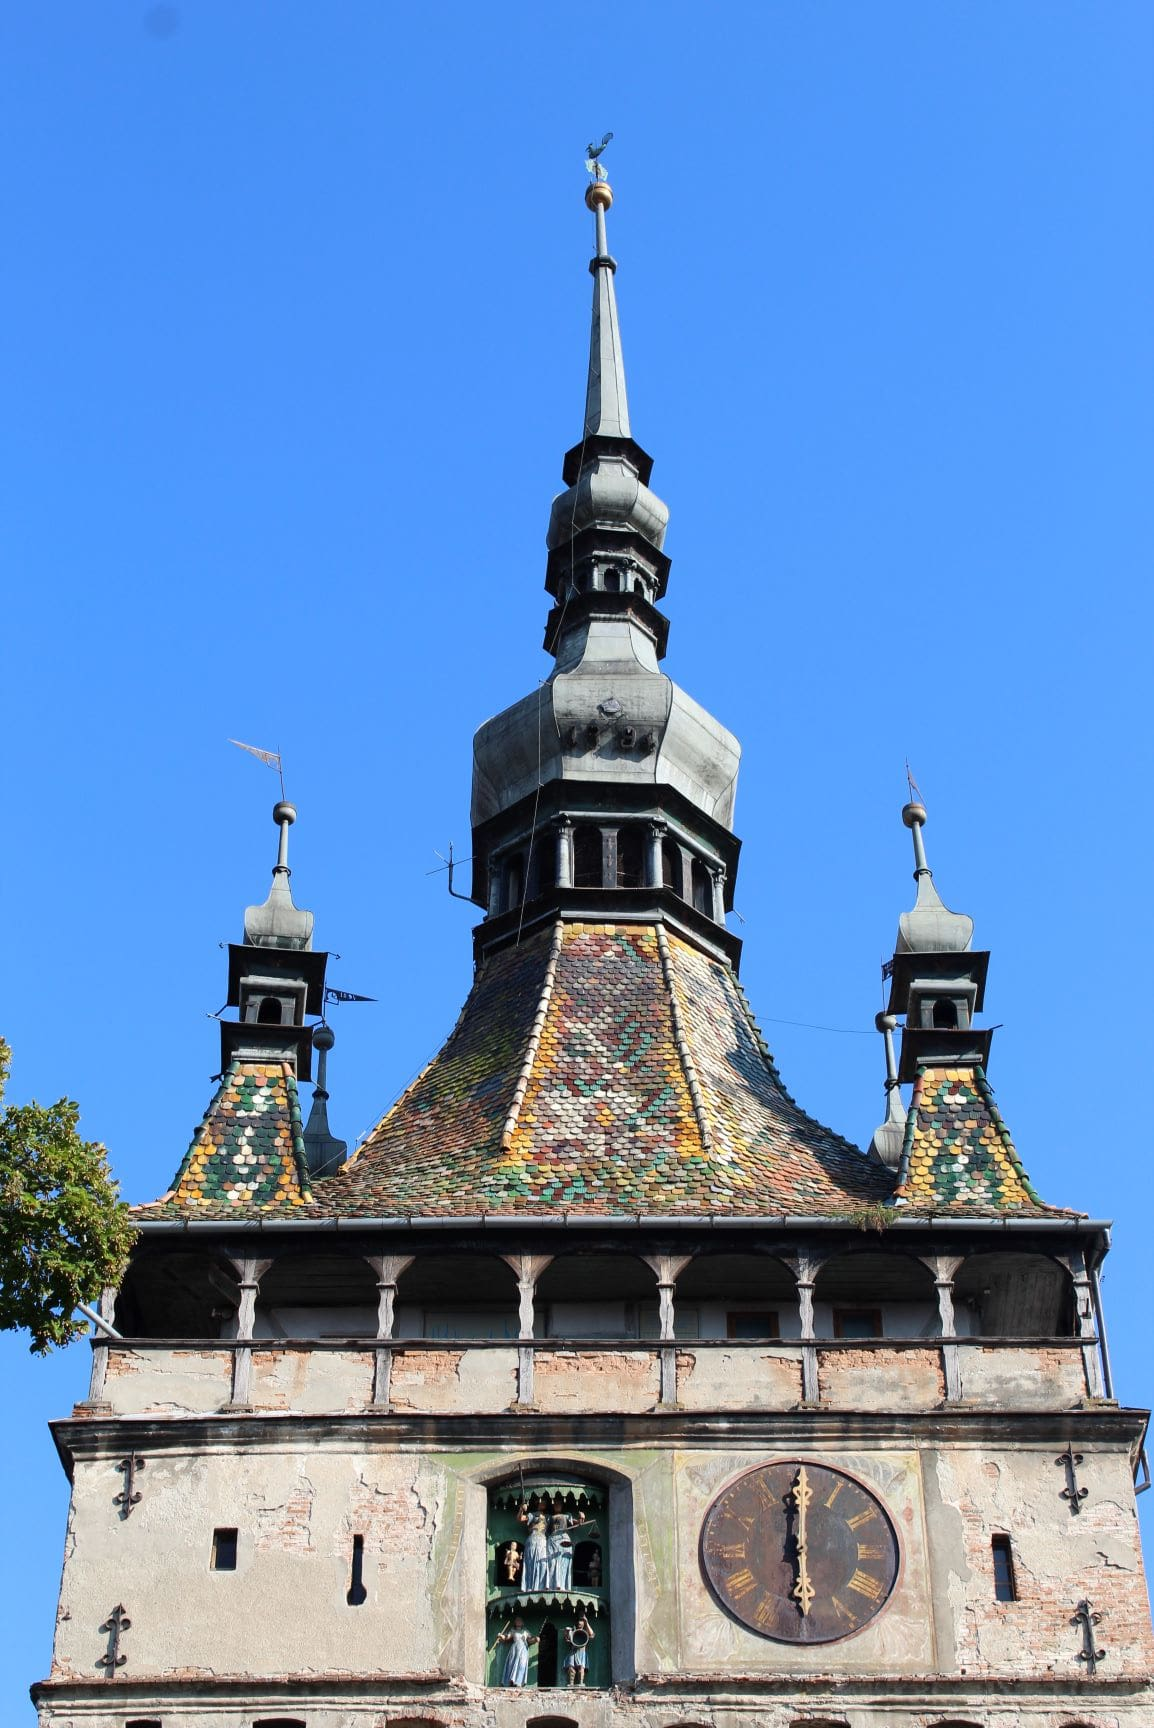 ROndreis Roemenie - KLokkentoren Sighisoara